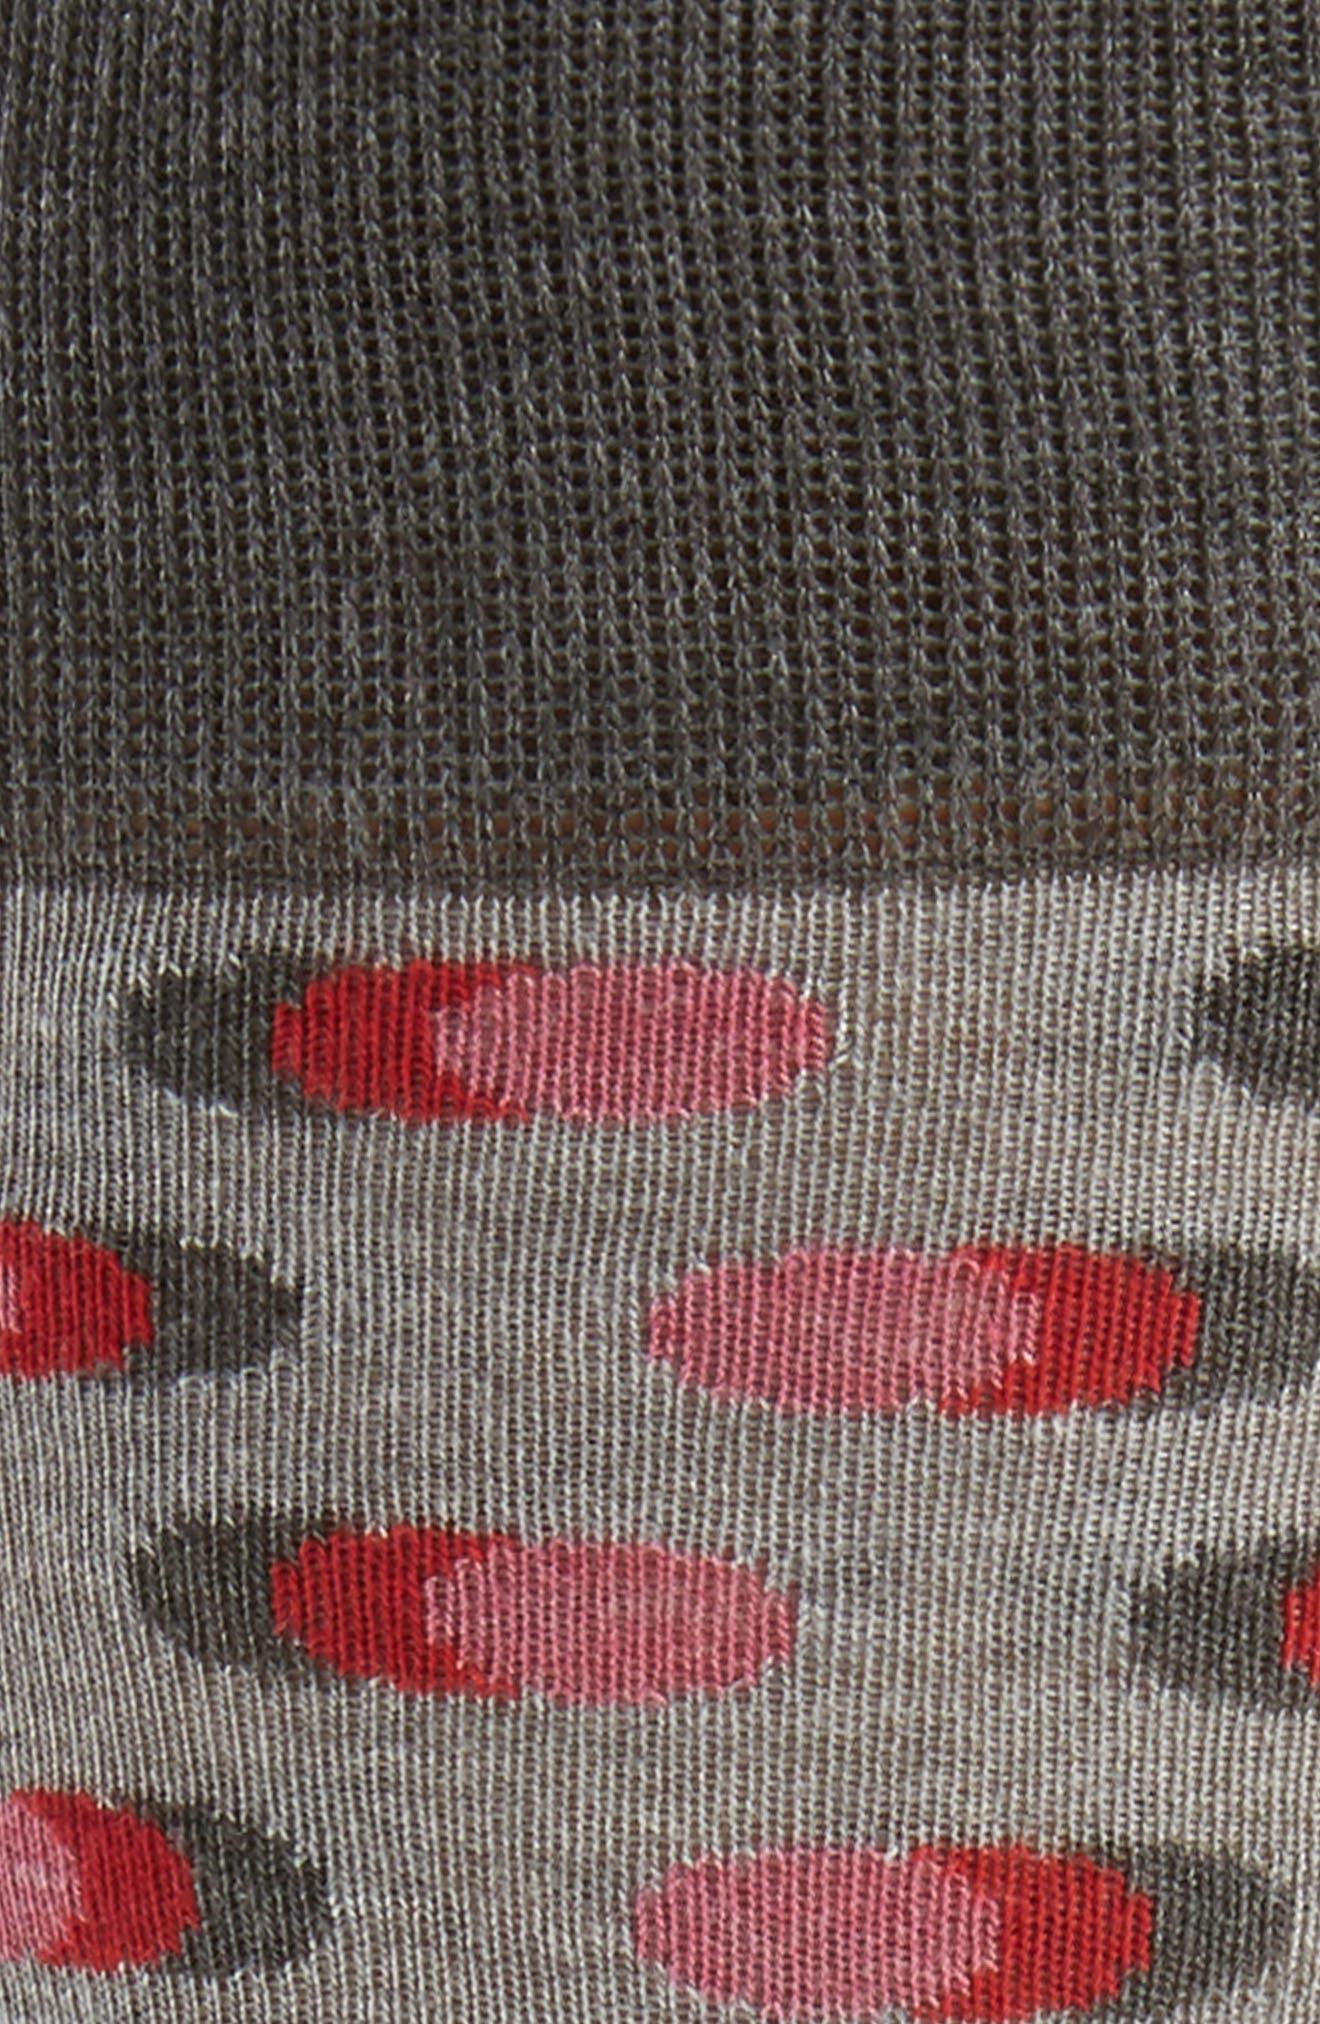 Dot Socks,                             Alternate thumbnail 2, color,                             030